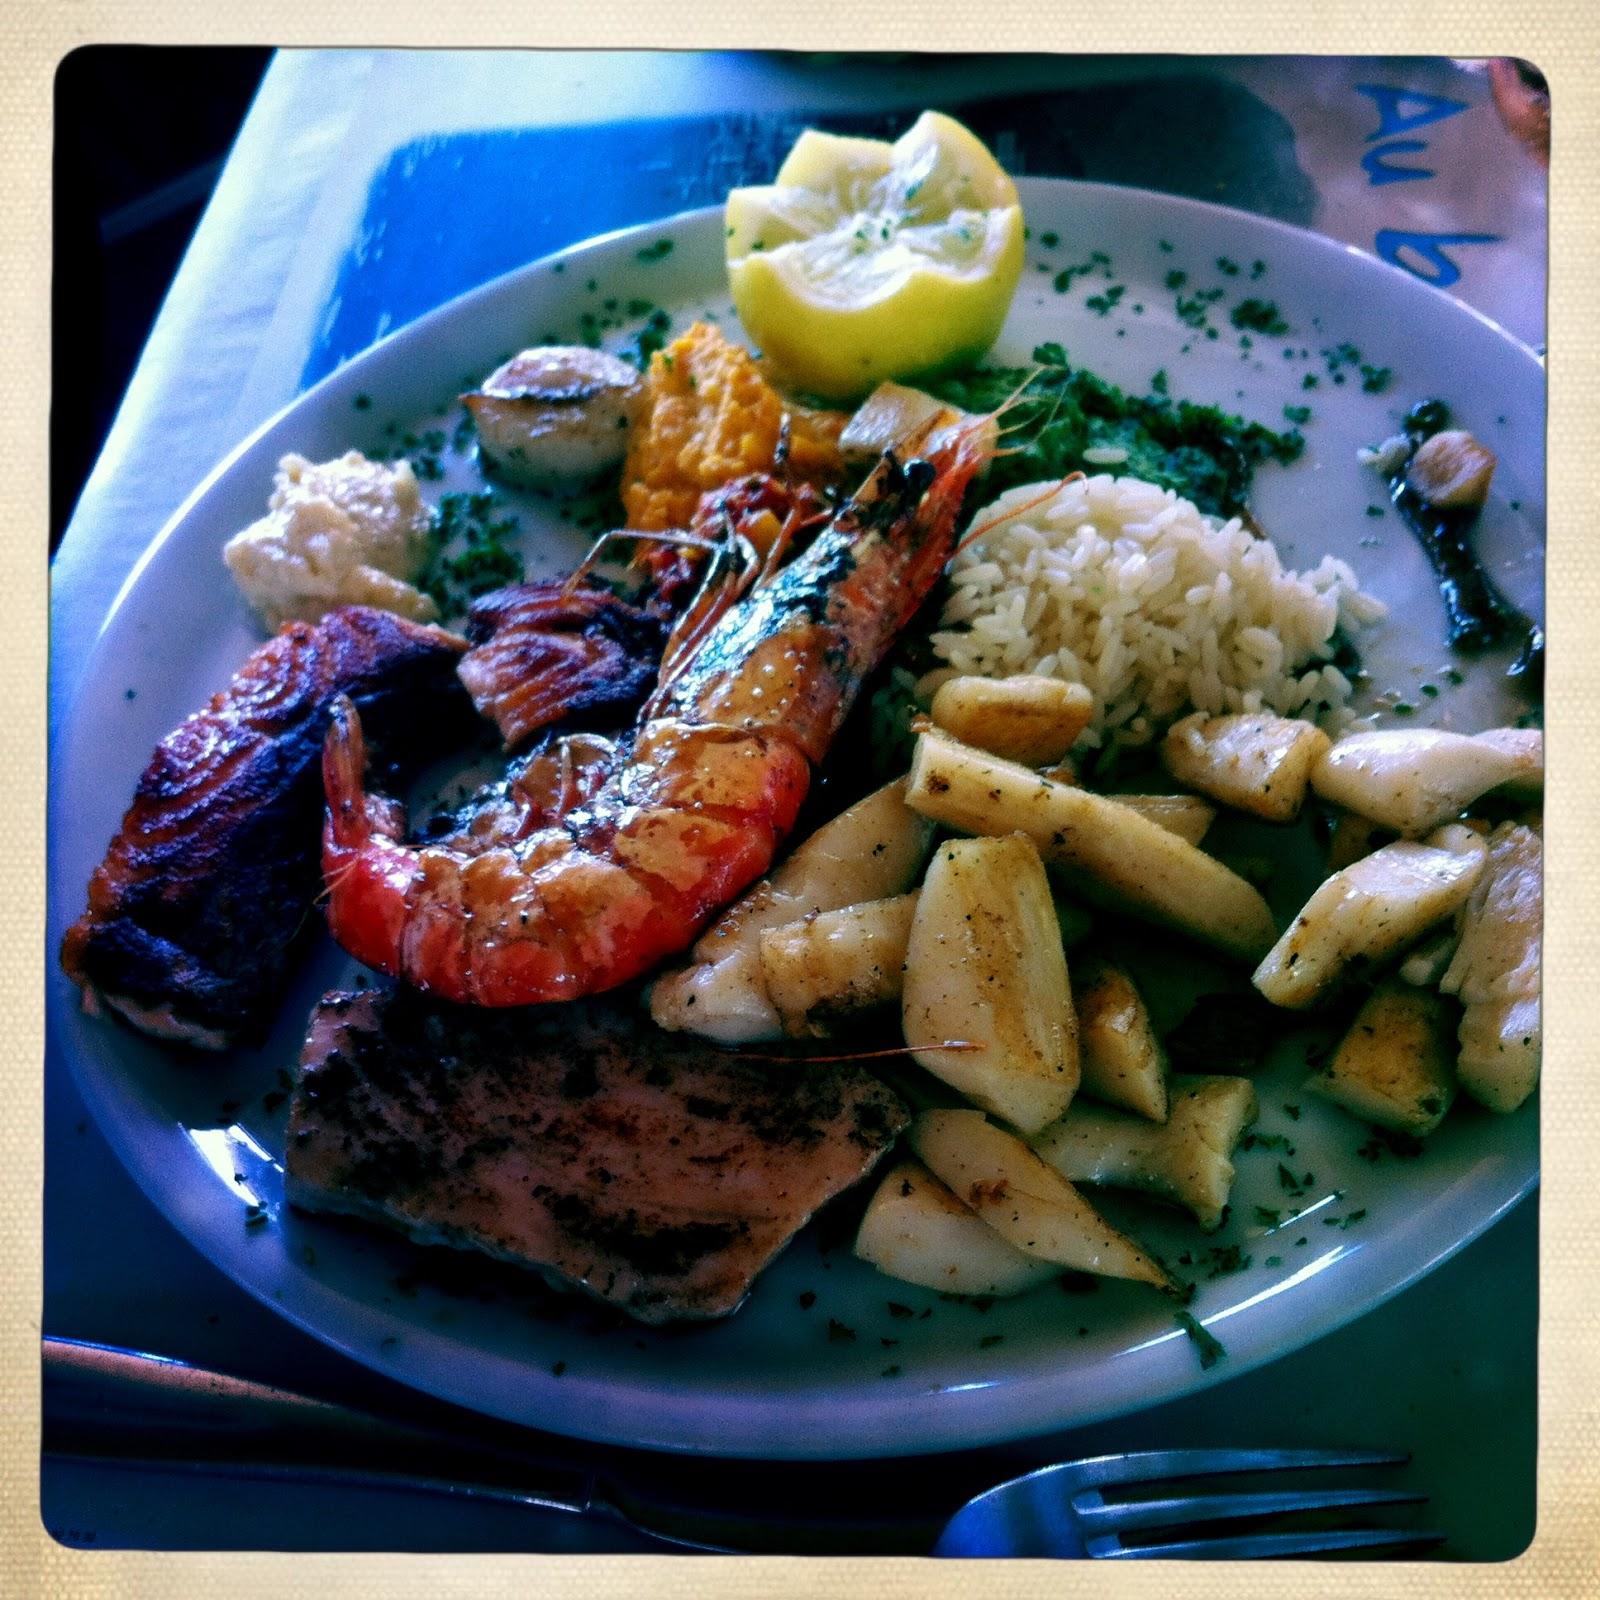 C trobon au bord de l 39 eau restaurant de poisson la - Restaurant poisson marseille vieux port ...